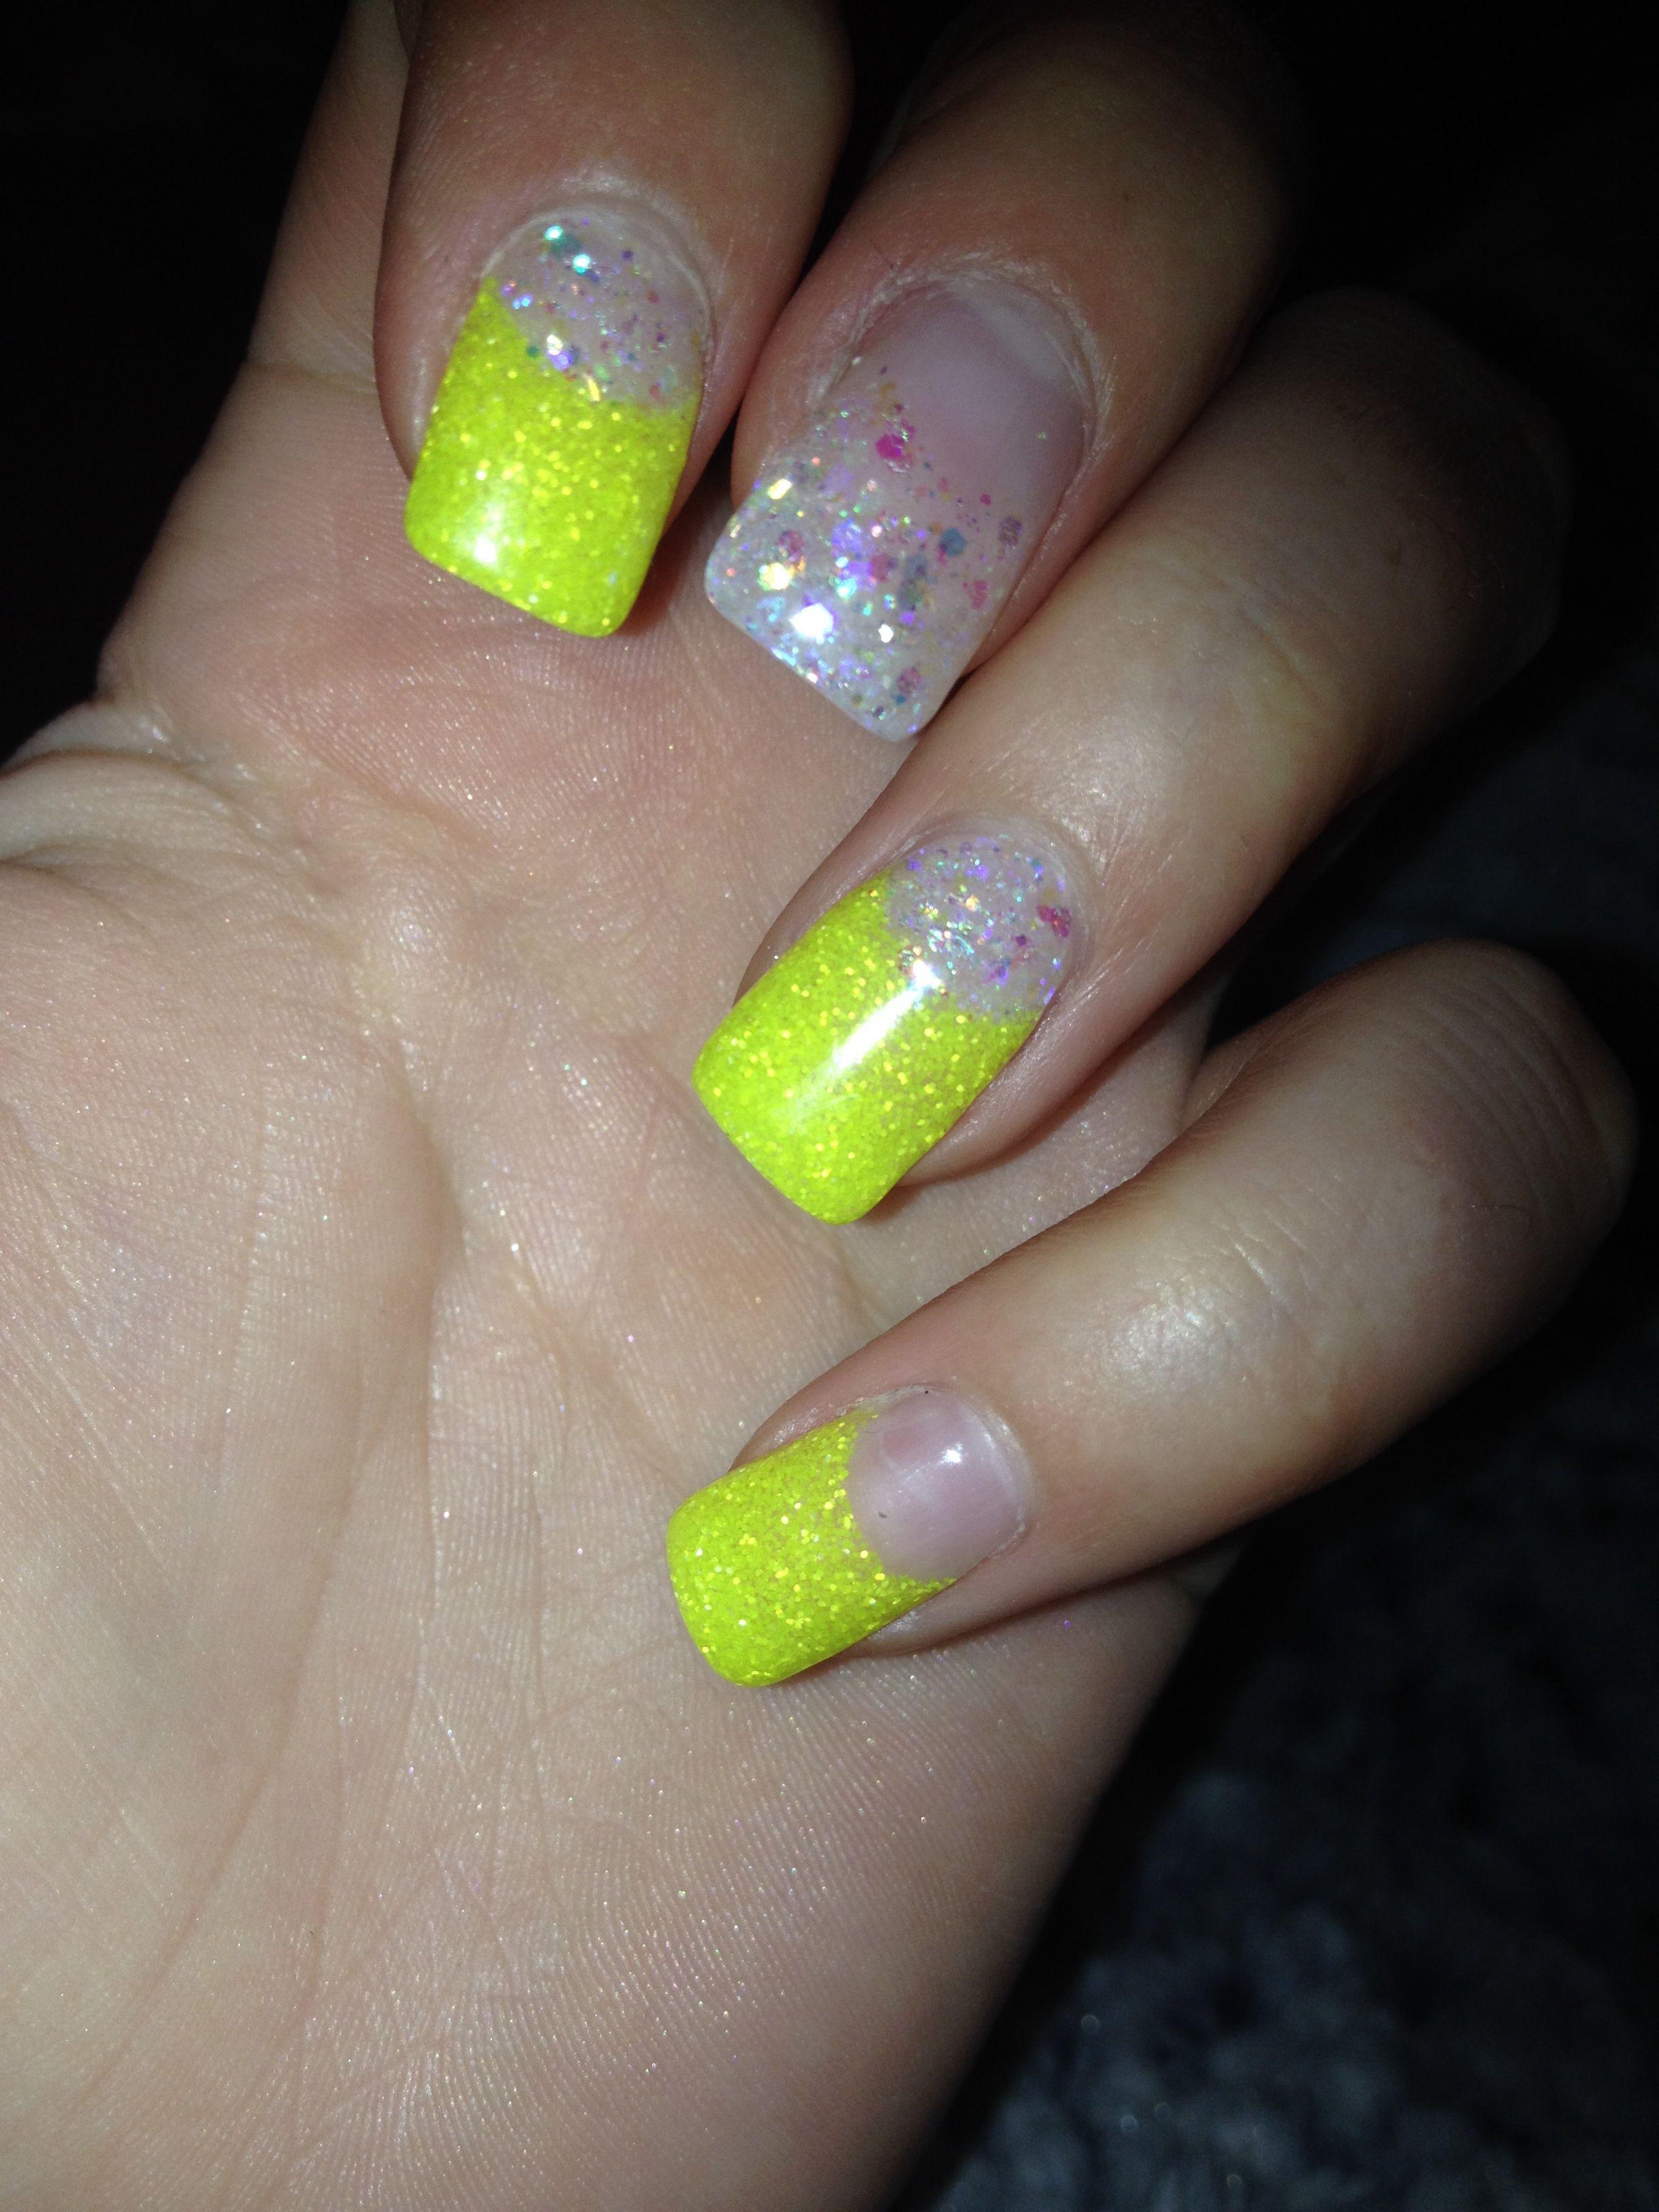 yellow nails :) #gelnails #yellow #sparkles #nailideas #nailart #nailfashion #cutenails #funnails #girlynails